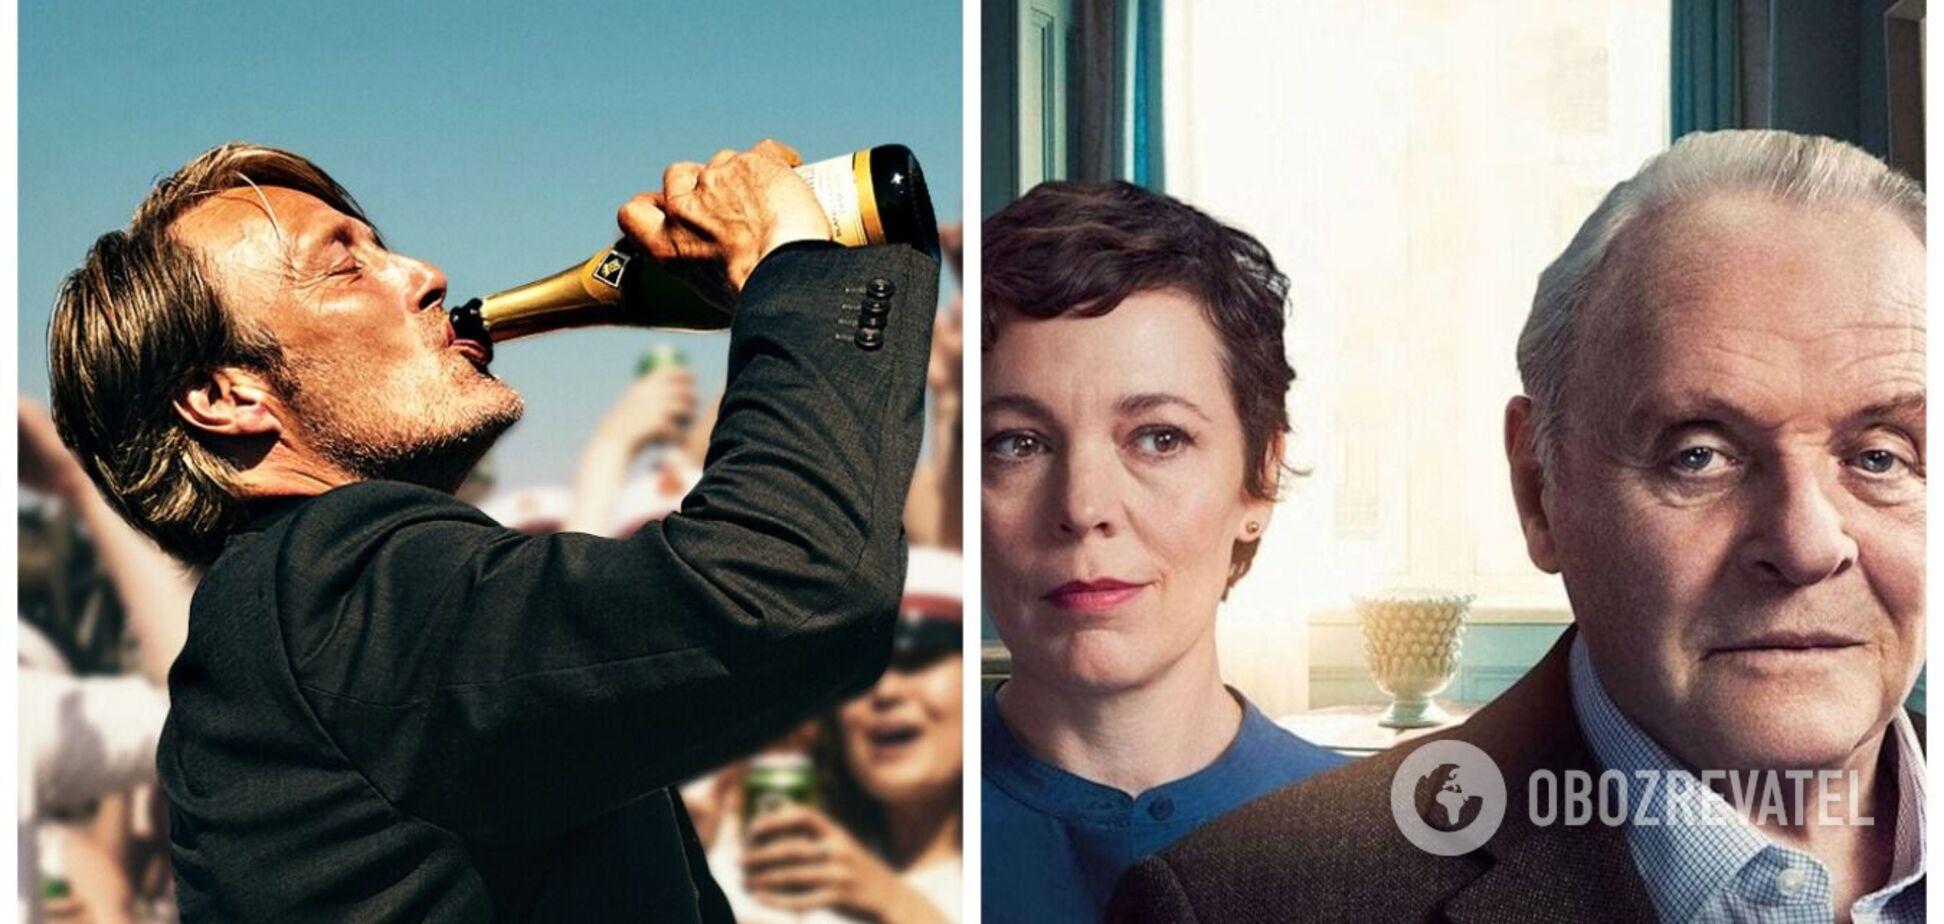 П'ятірка номінованих на 'Оскар' фільмів, які обговорює весь світ. Трейлери